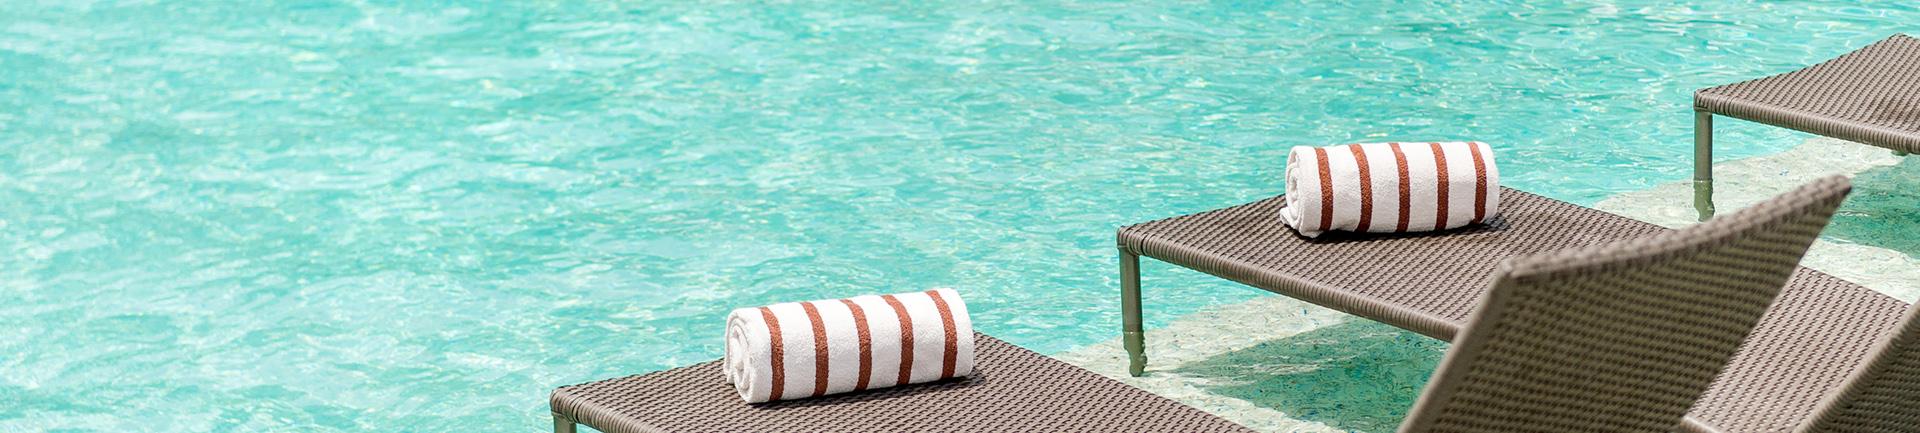 day use de piscina